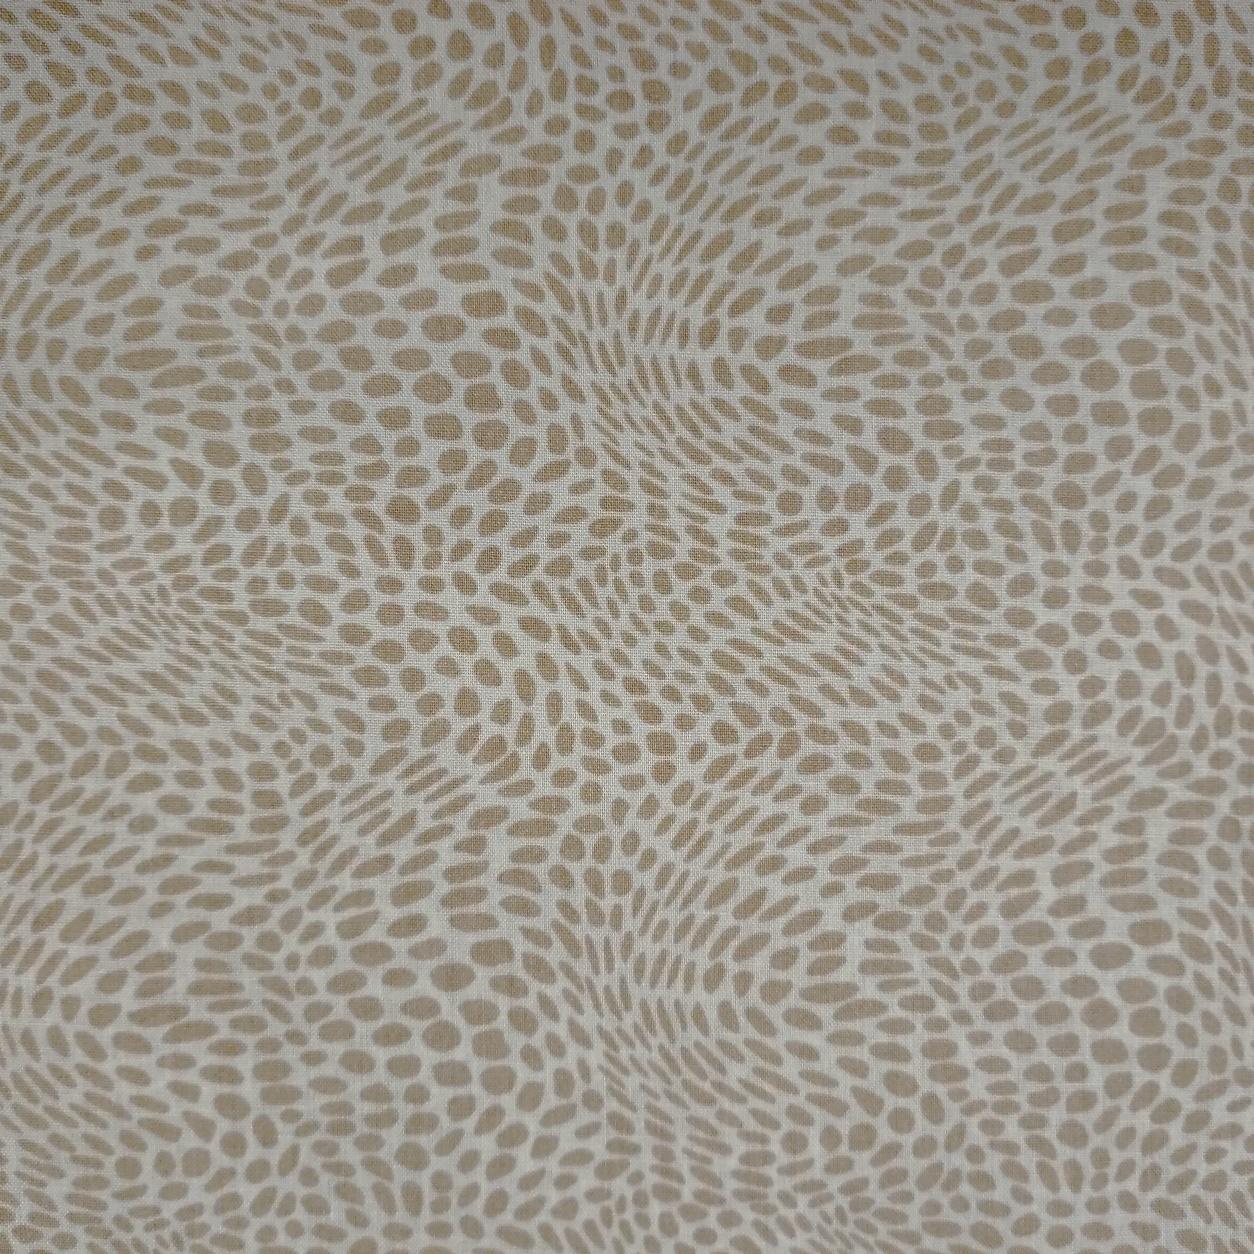 Tessuto Cotone Puntinismo Astratto